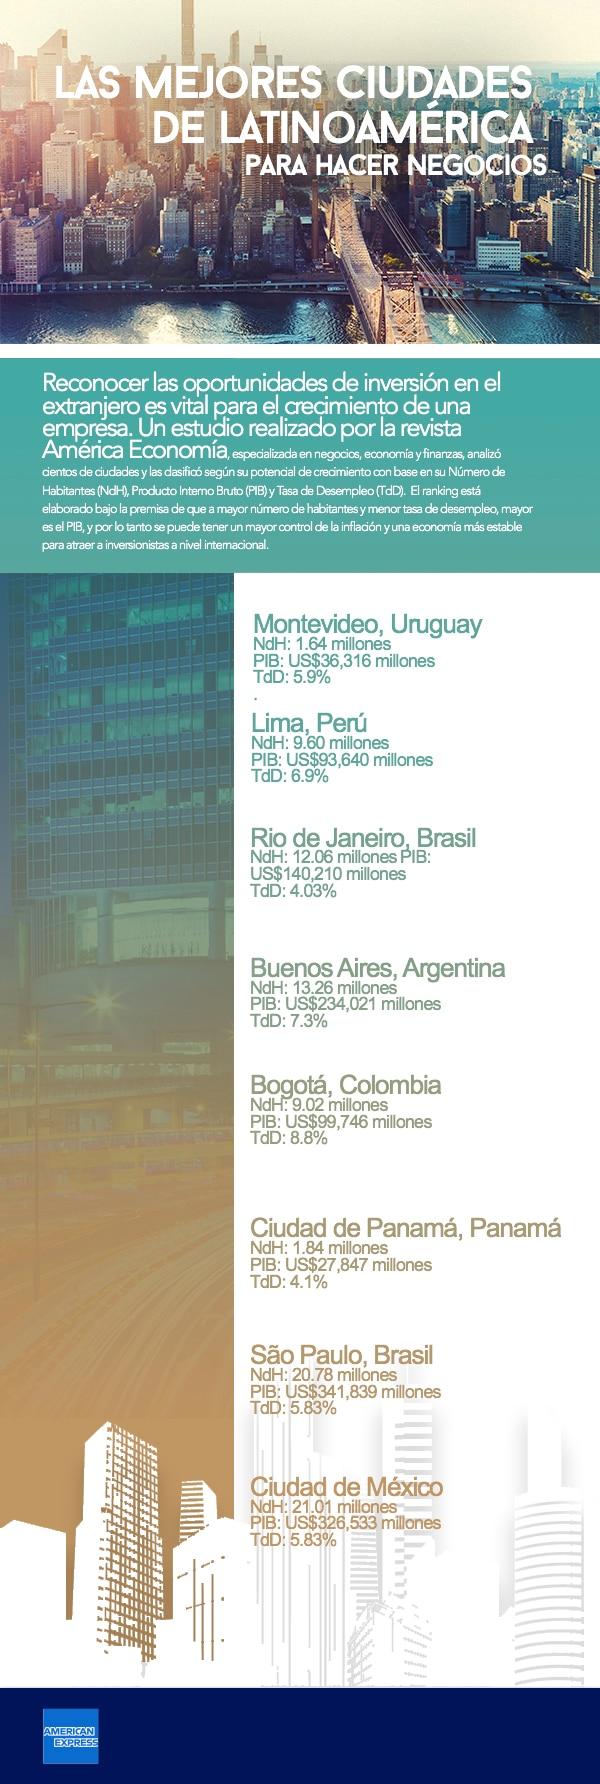 Las mejores ciudades de Latinoamérica para hacer negocios